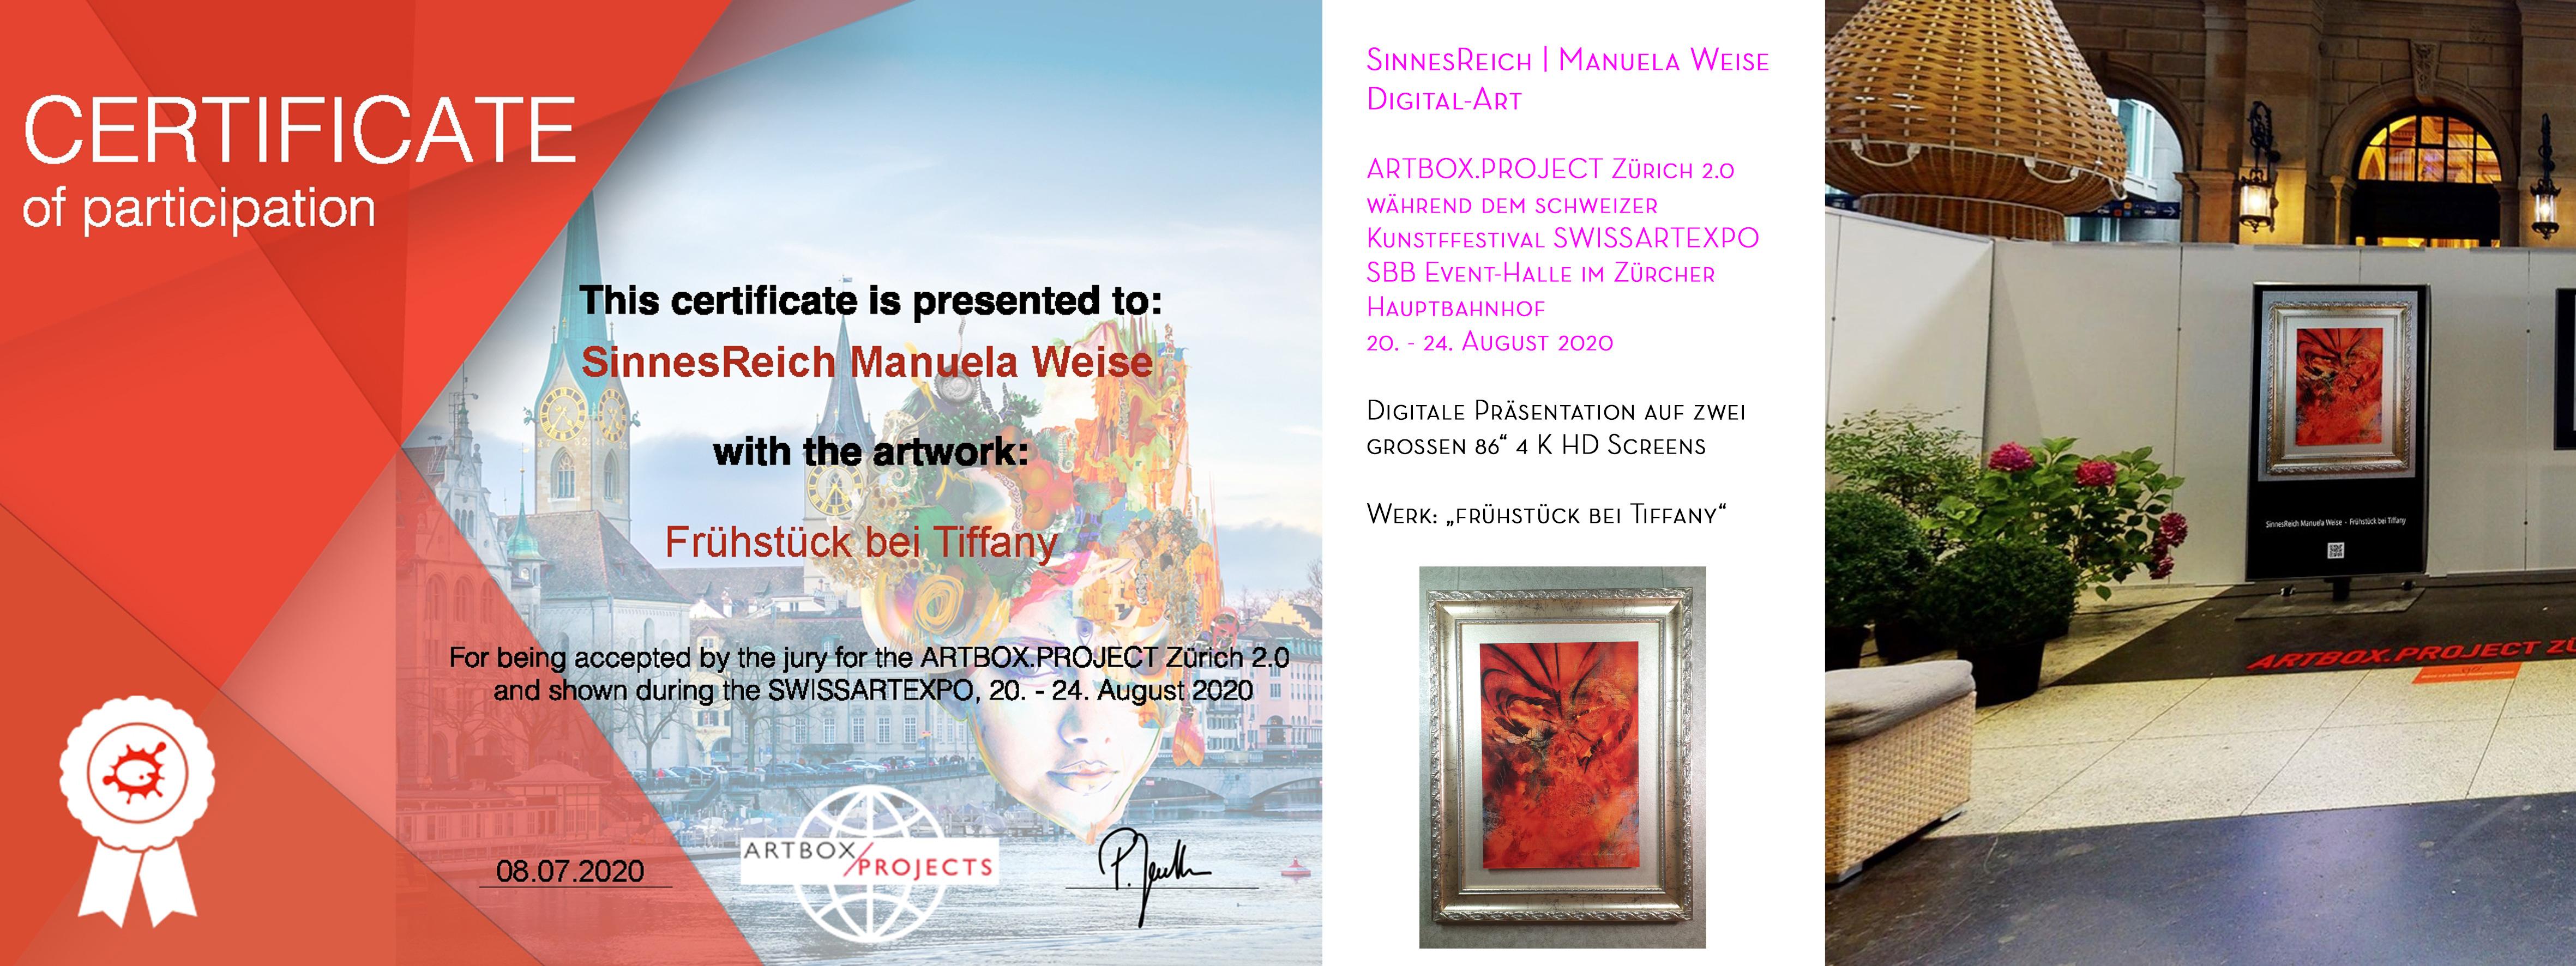 Ausstellung ARTBOX.POJECT Zürich 2020, Teilnahme-Zertifikat